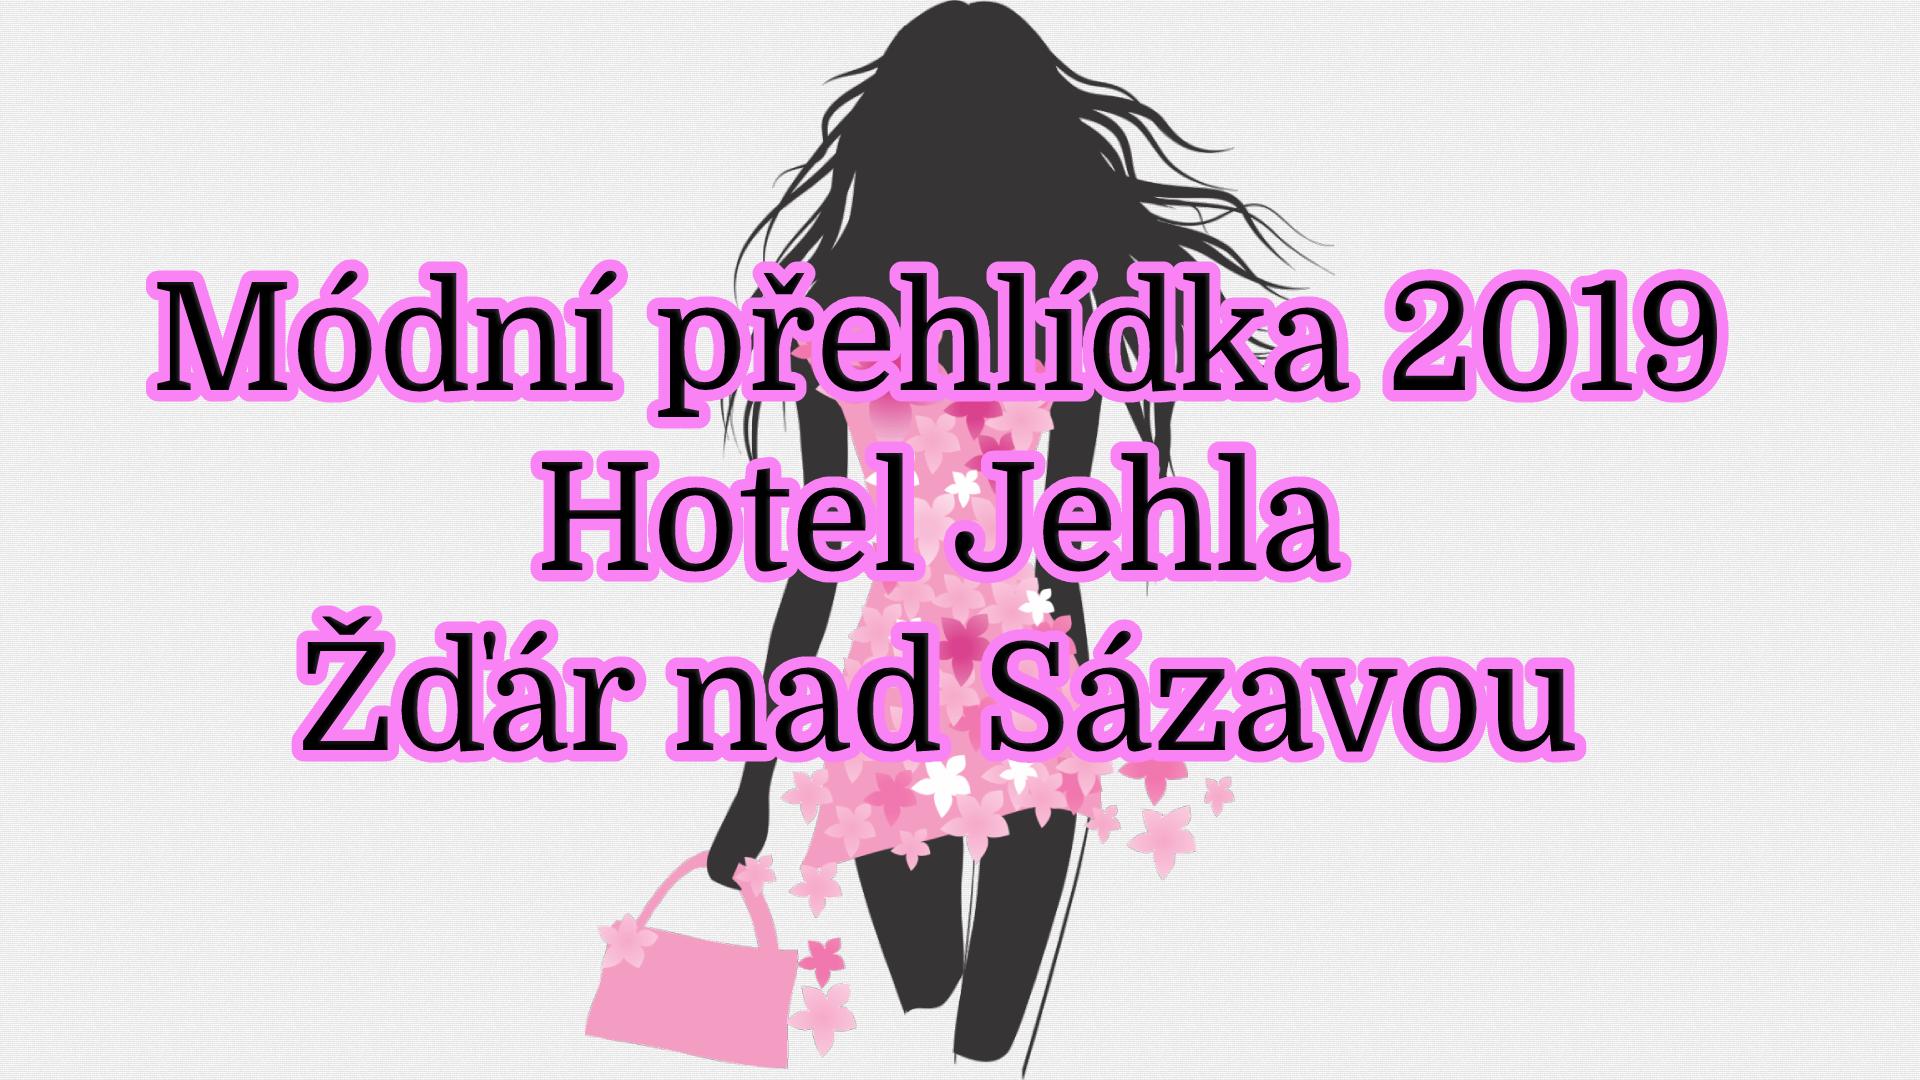 Módní přehlídka 2019 - Hotel Jehla Žďár nad Sázavou